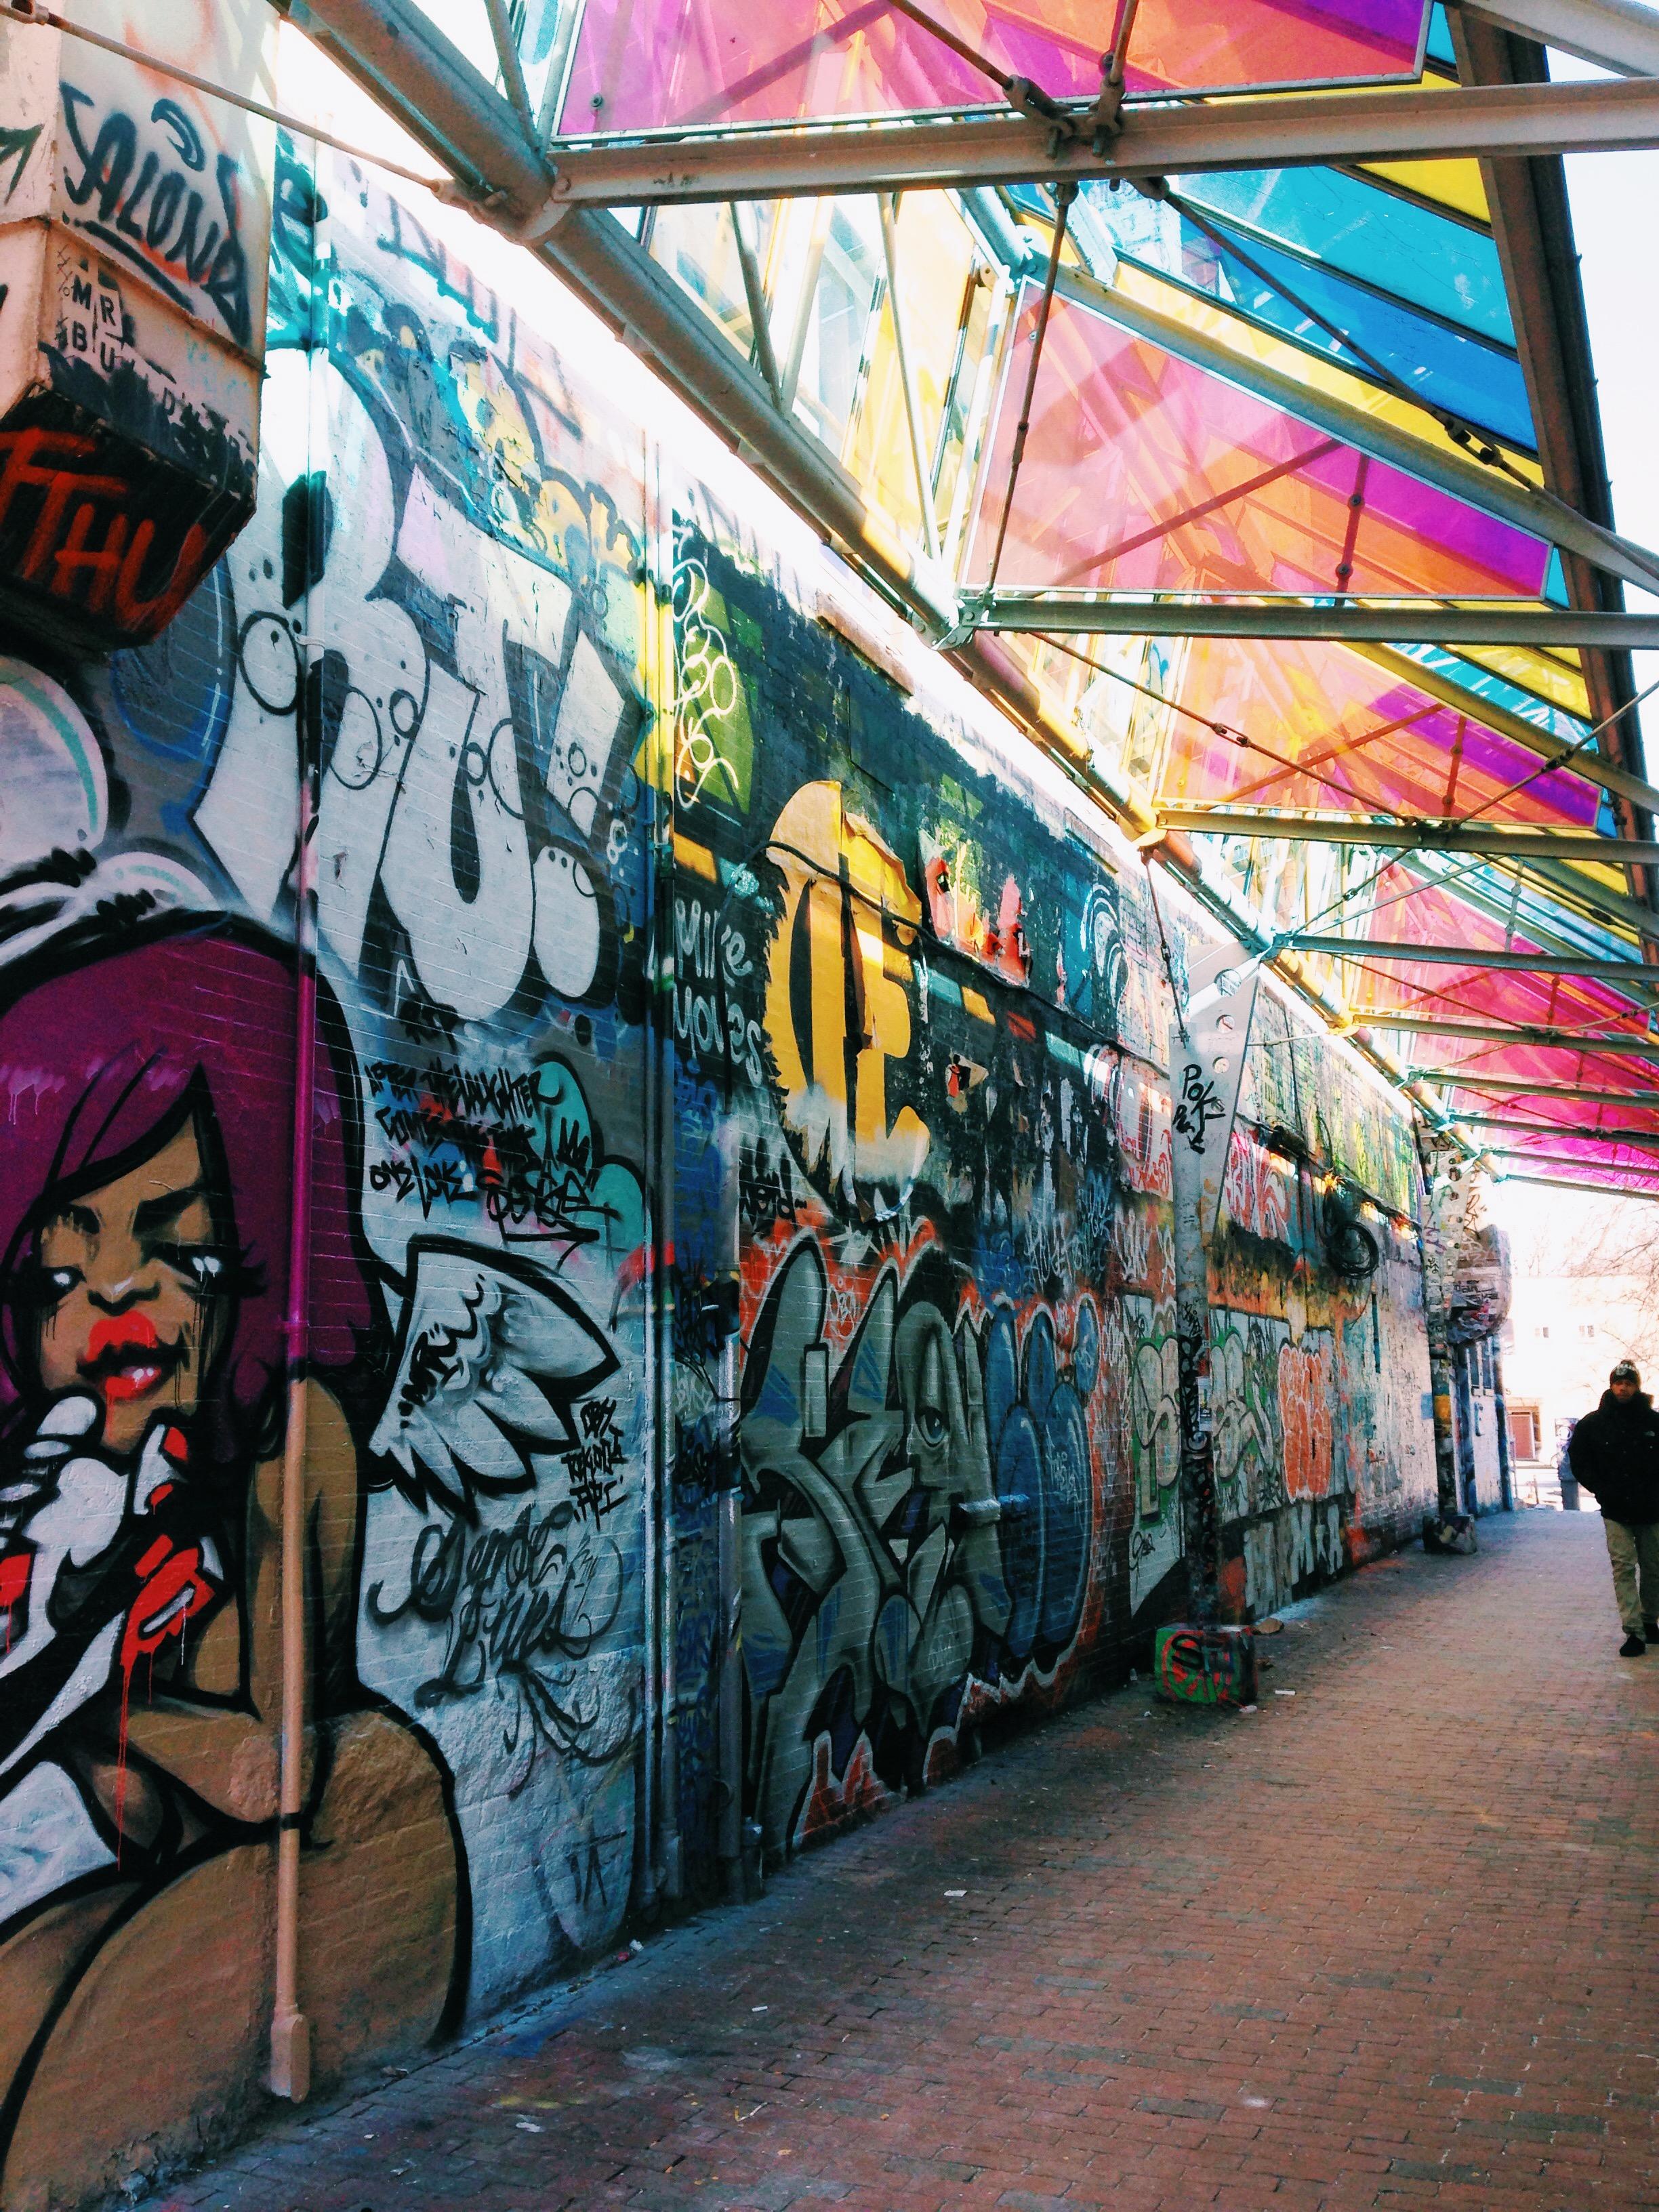 {Graffiti and pretty lights in Central Square}